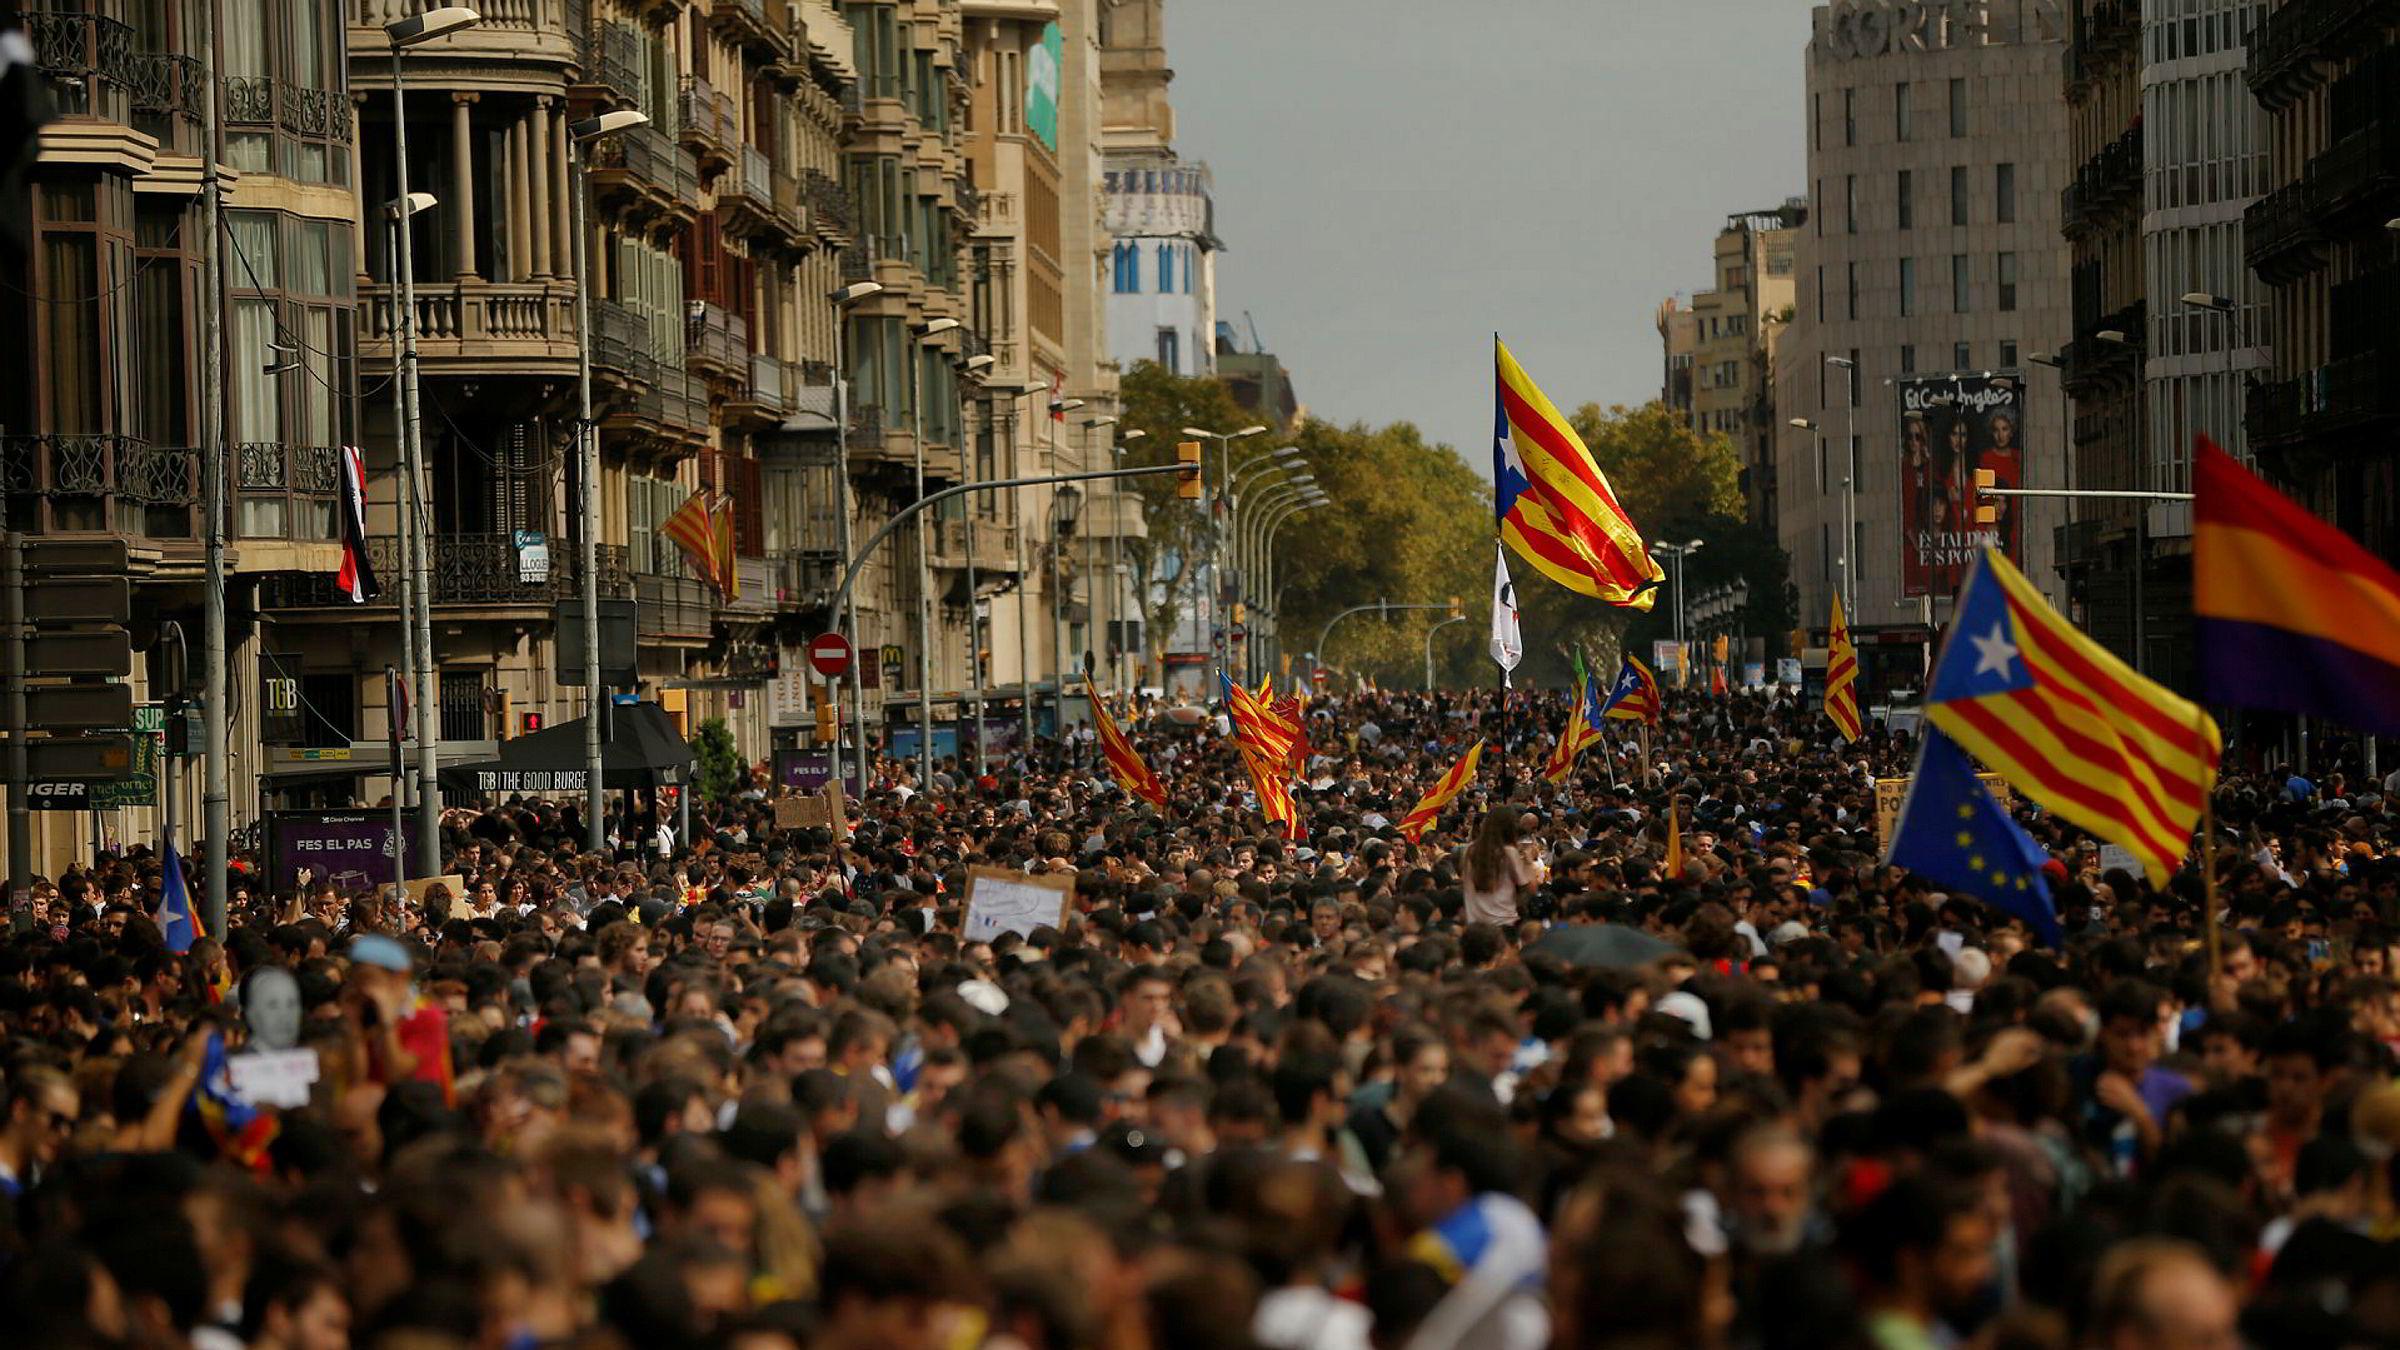 Demonstrators med Catalonias uavhengighetsflagg «estelada» tidligere denne uken